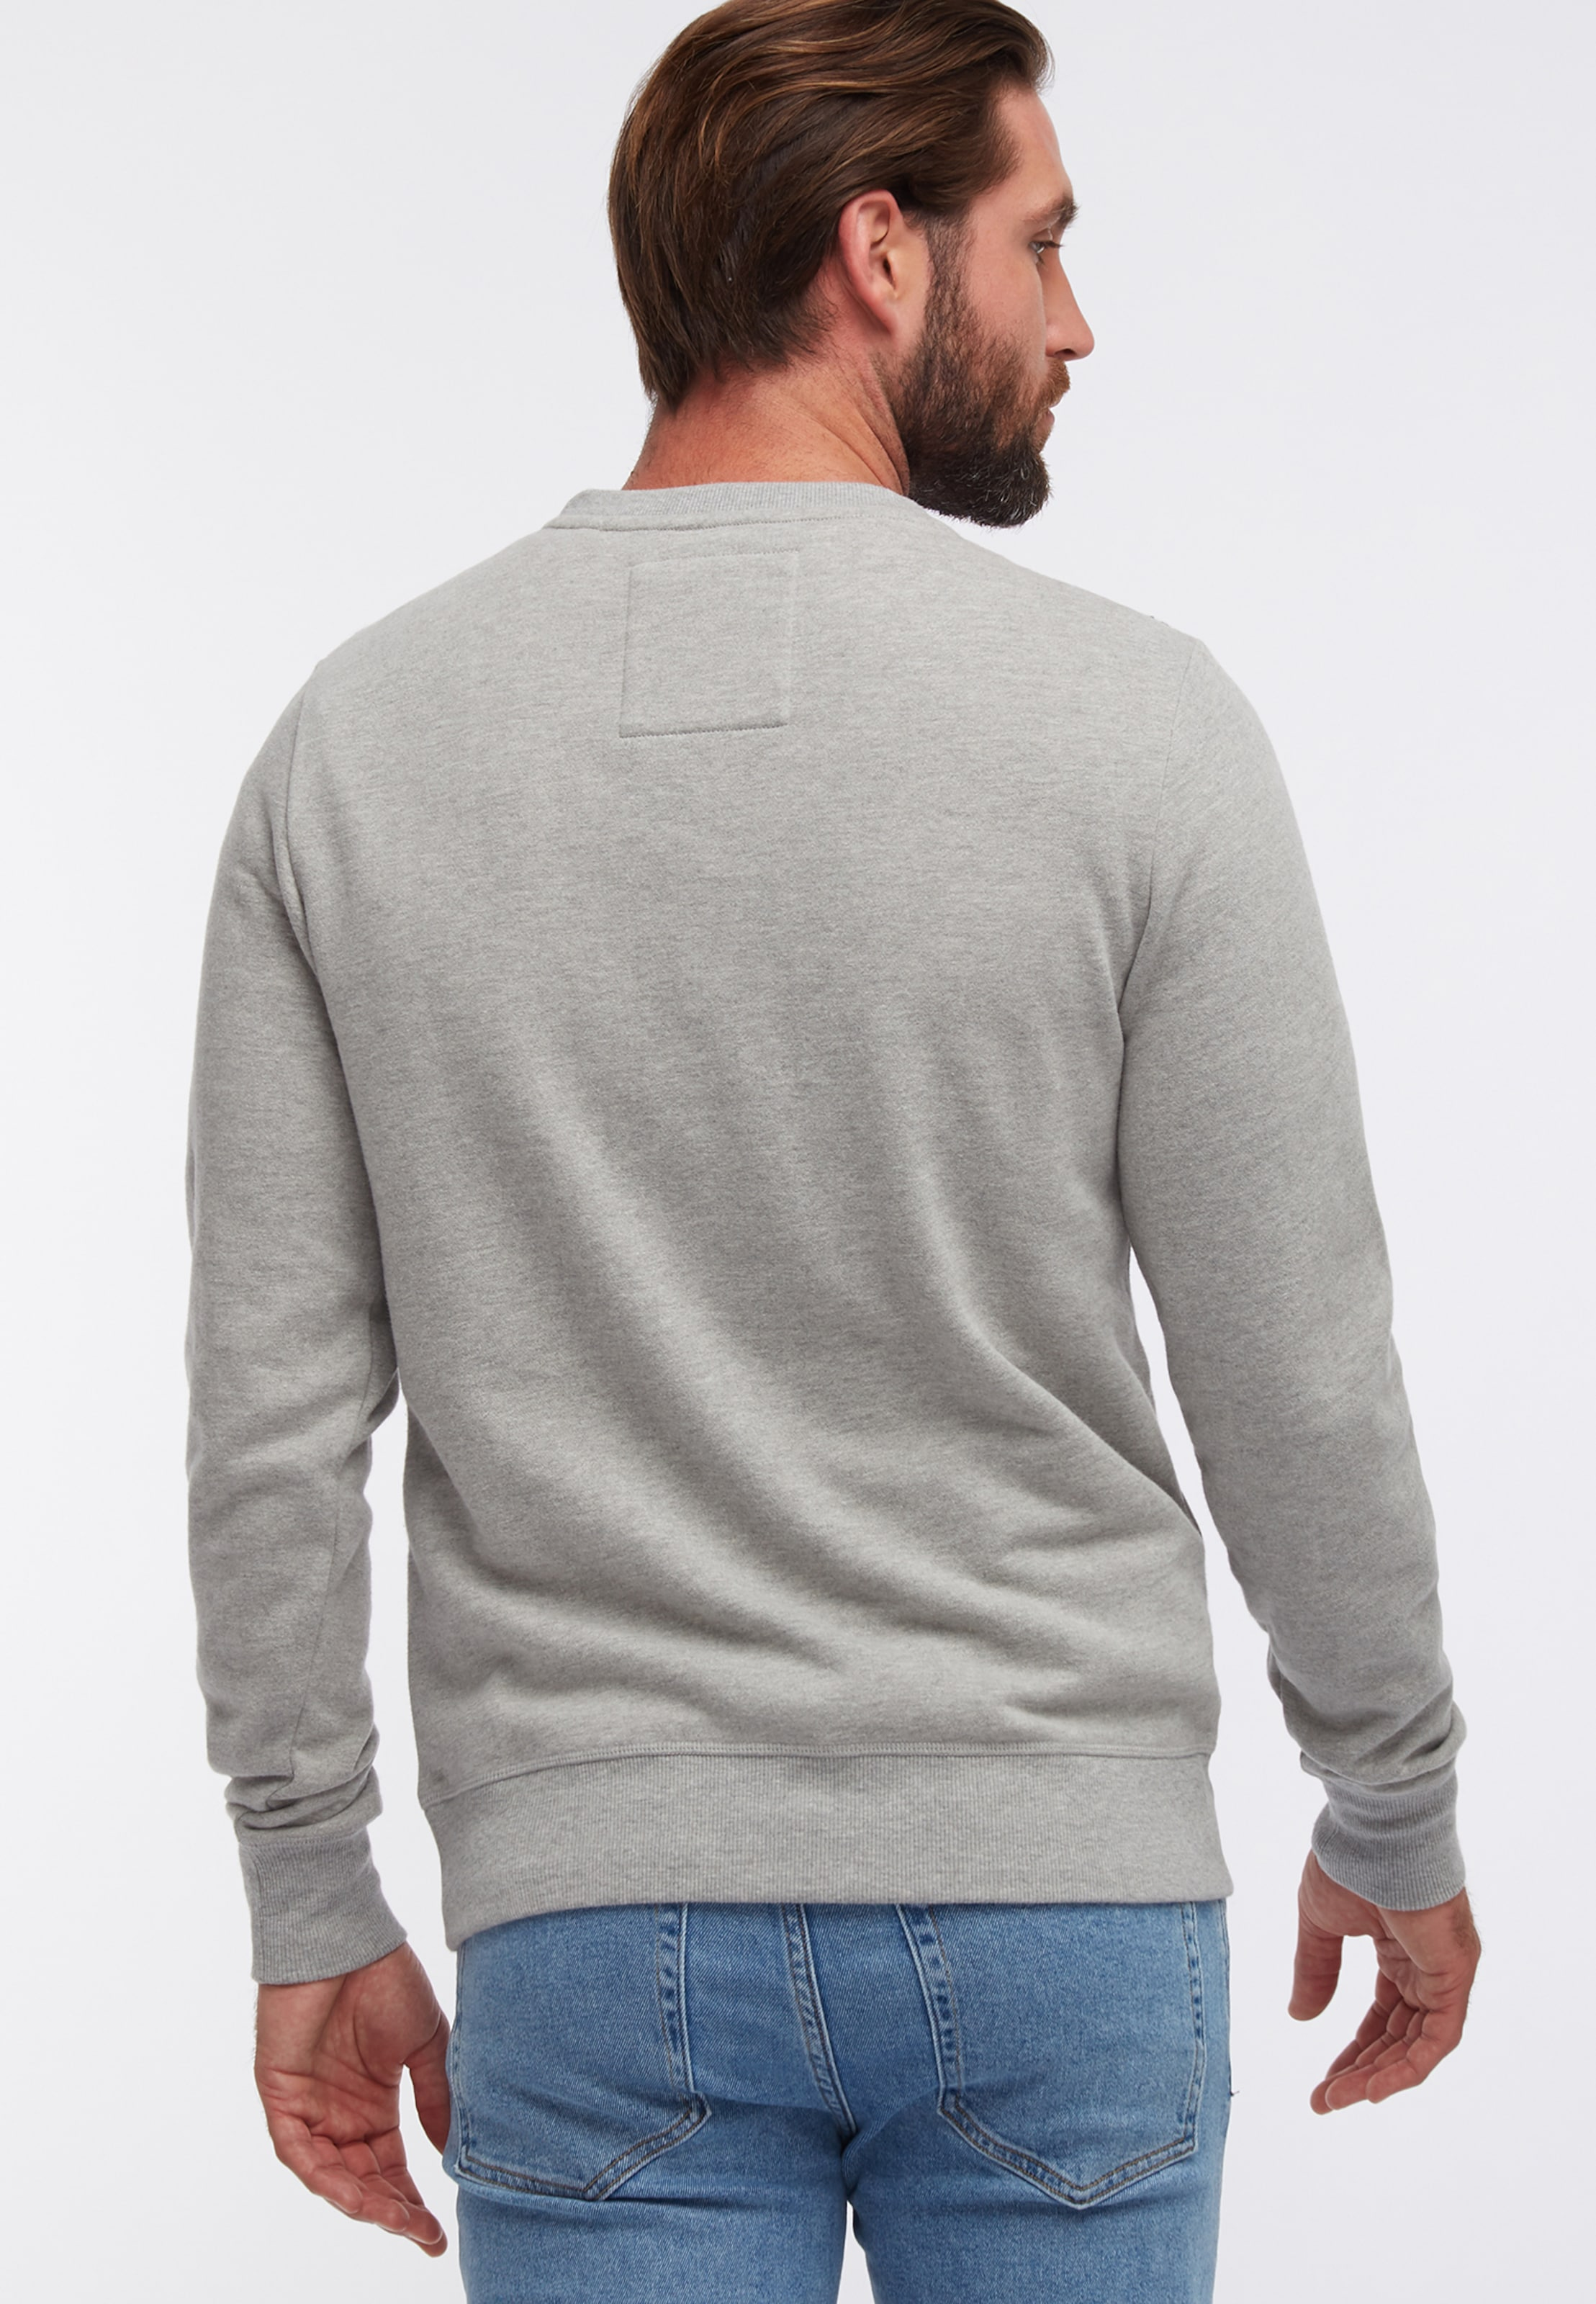 Sweatshirt Graumeliert In Dreimaster In Dreimaster Sweatshirt 1JclKuTF35